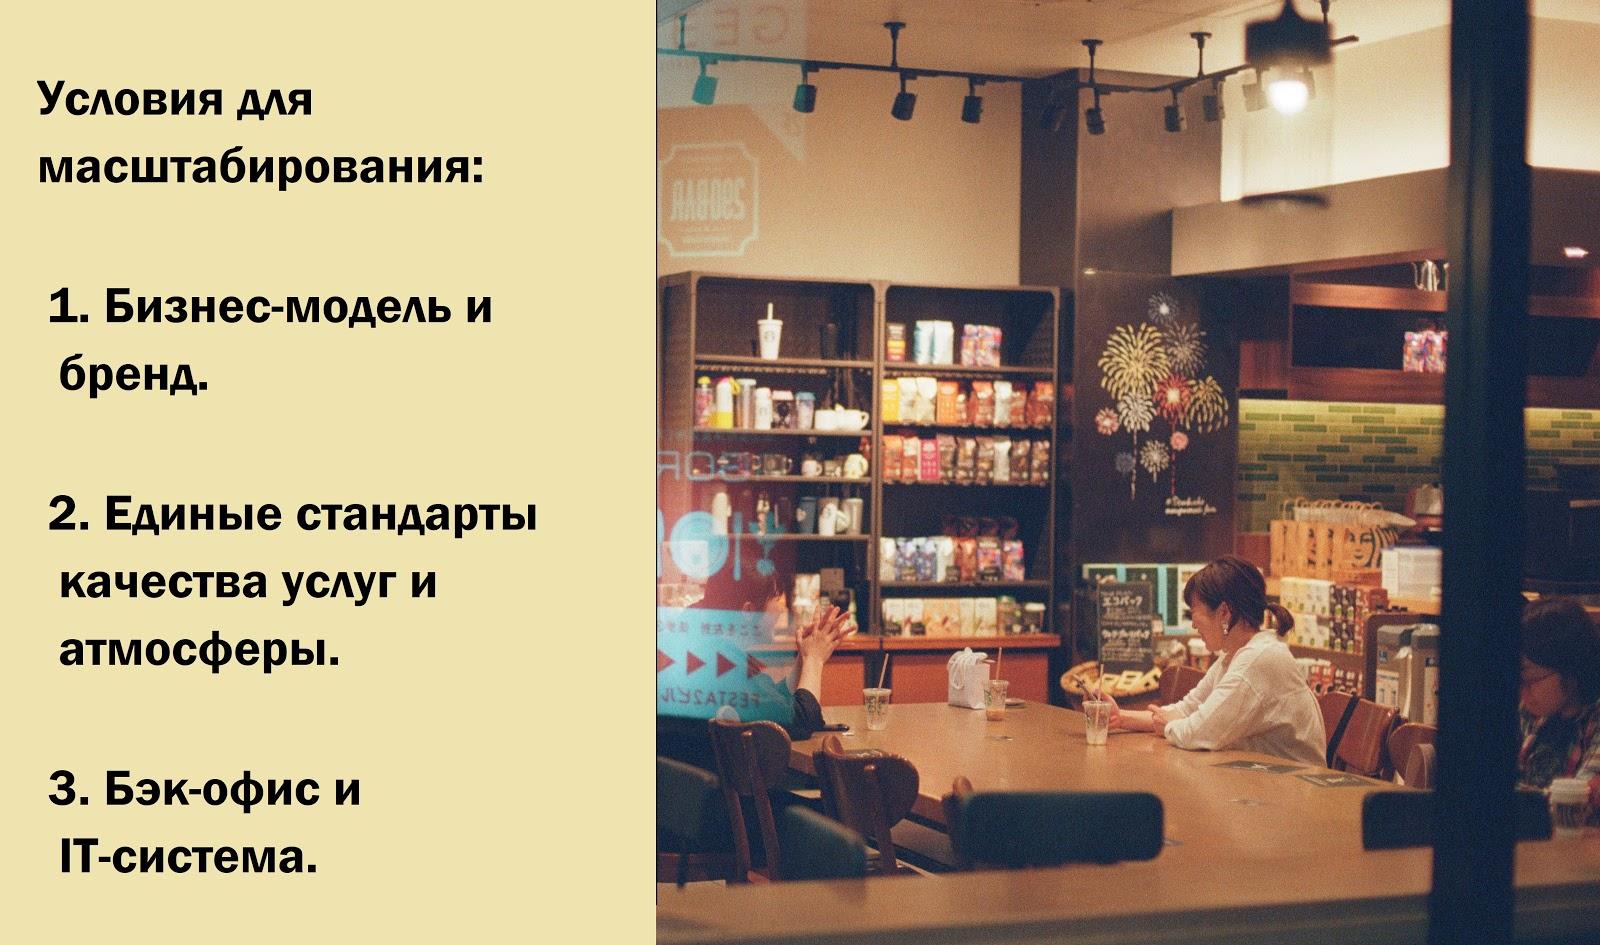 Масштабирование ресторанного бизнеса